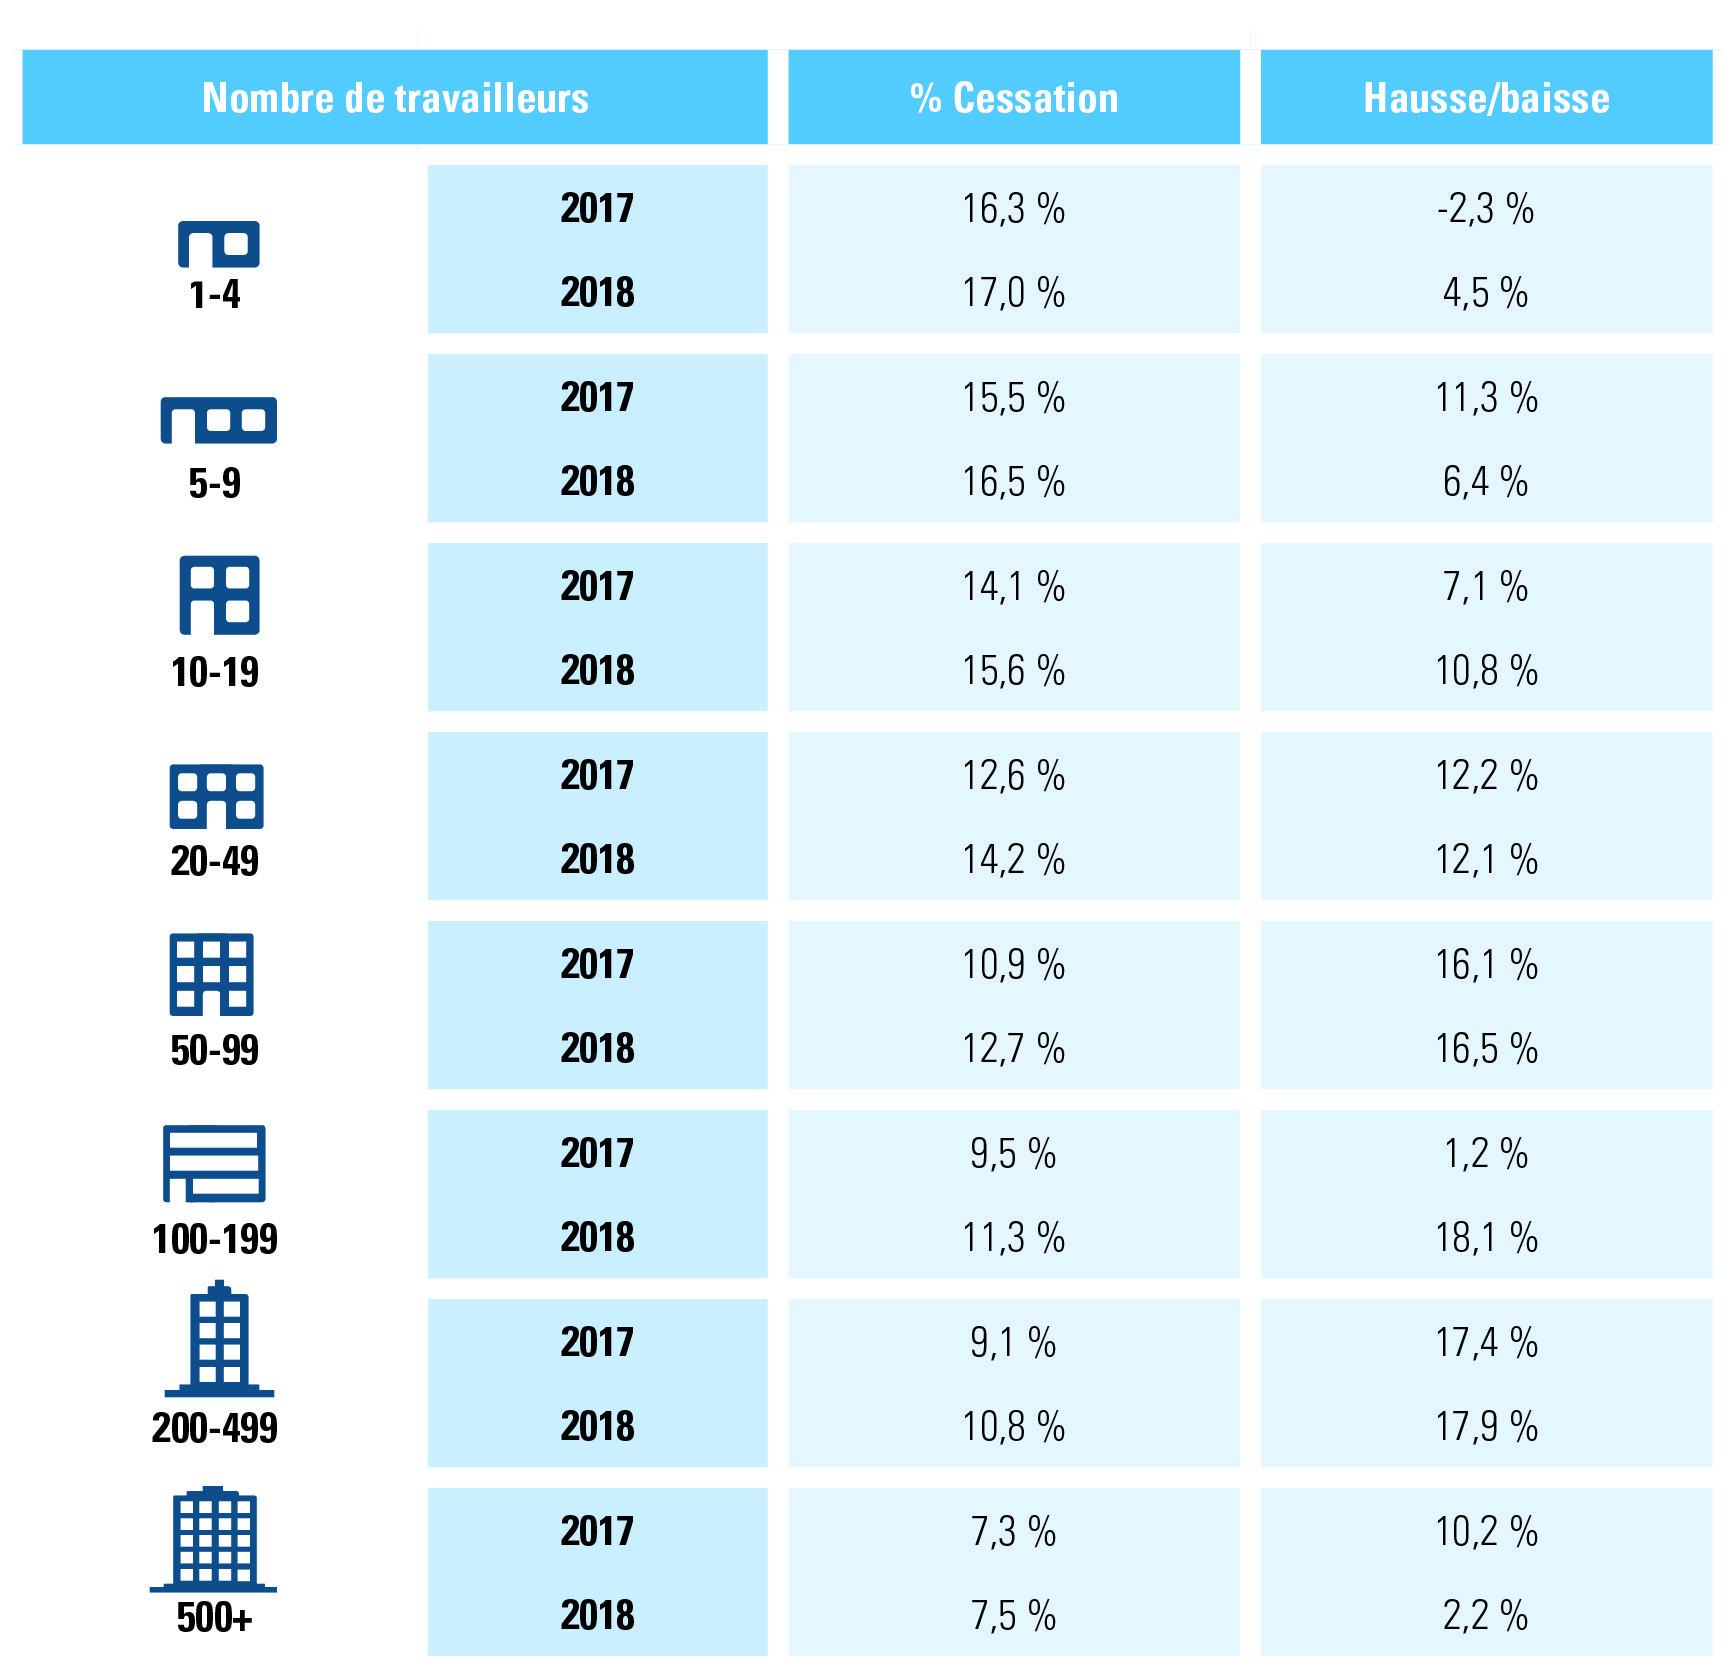 rupture contrats de travail à durée indéterminée2018 selon taille de l'entreprise